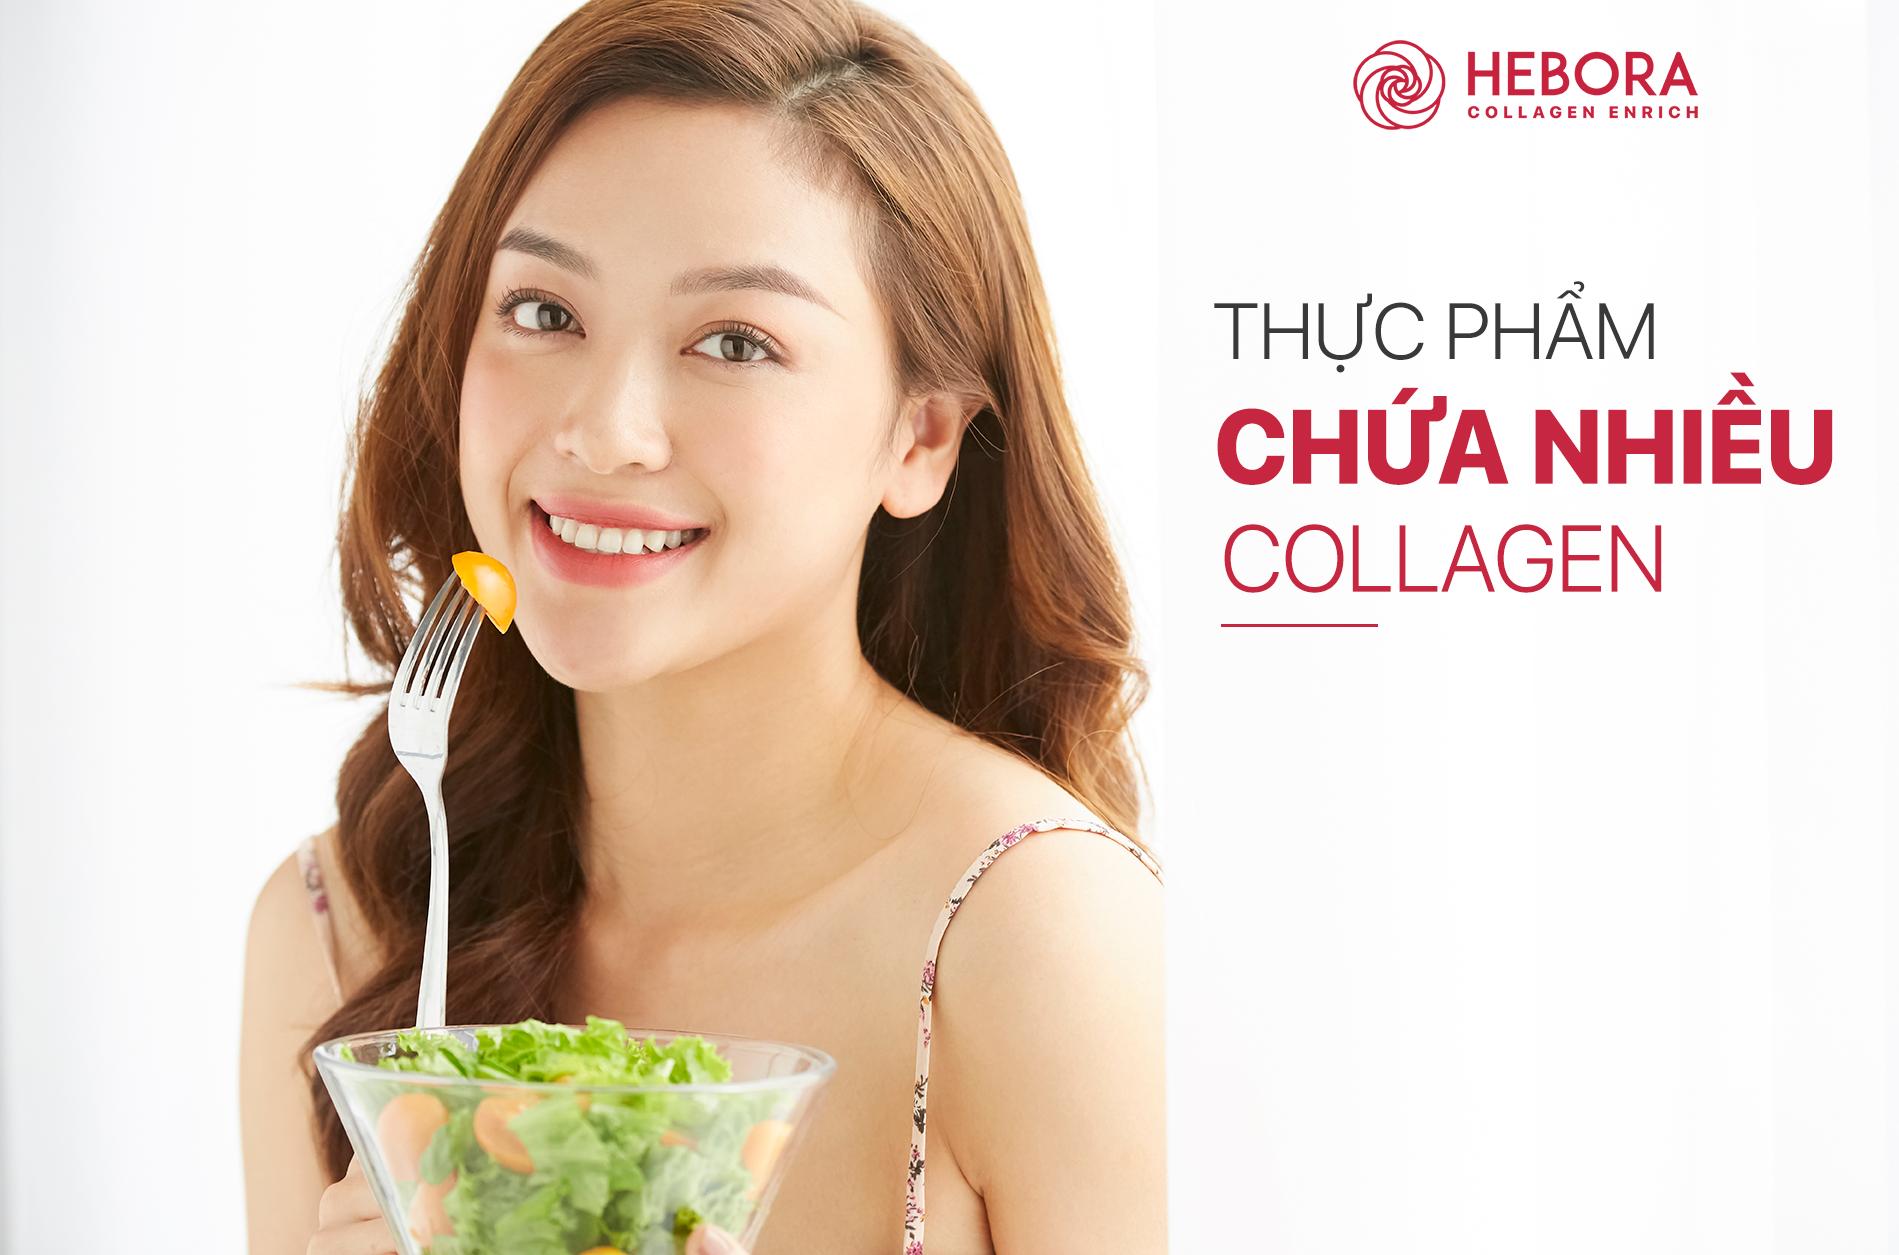 Những thực phẩm chứa nhiều Collagen và sự thật bạn nên biết